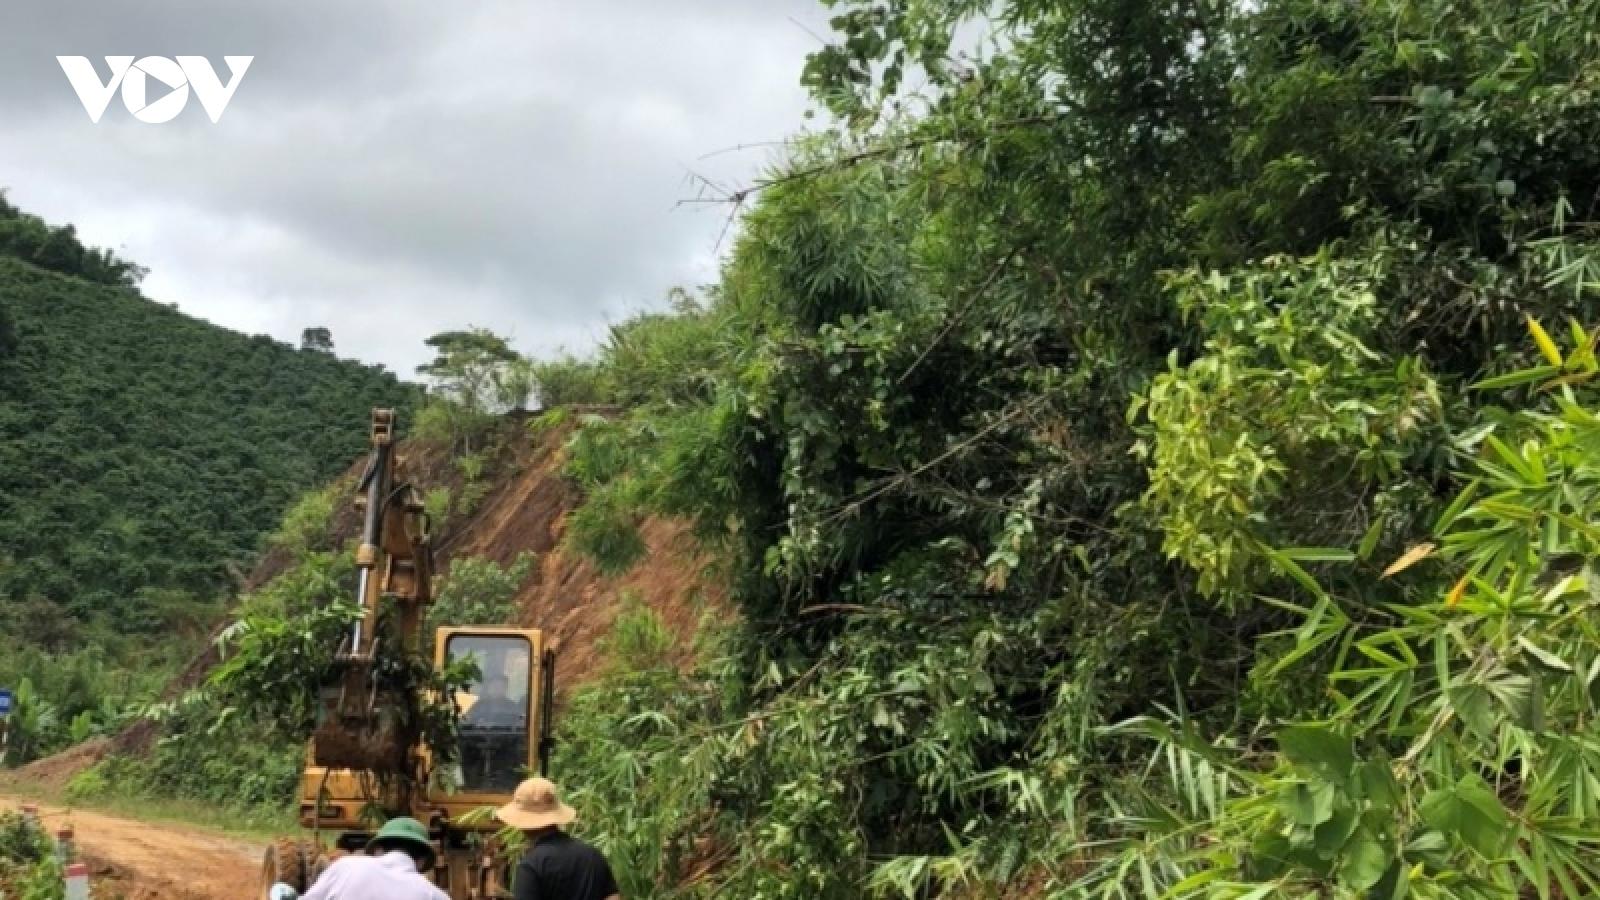 Mưa lũ gây sạt lở một số tuyến đường và ngập lụt cục bộ tại Đắk Nông